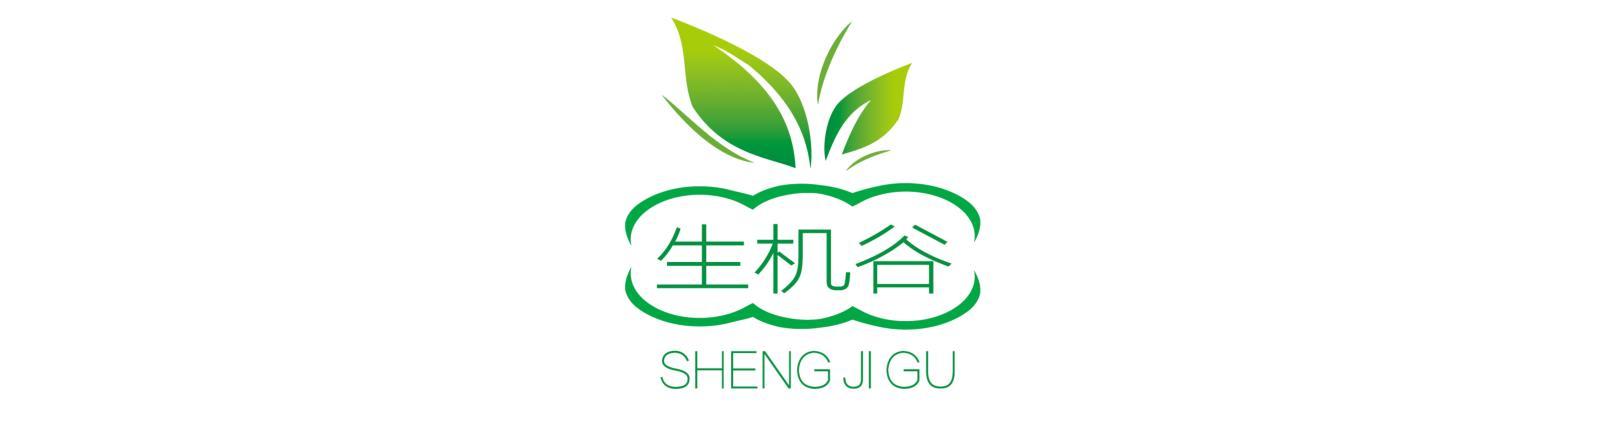 重庆生机谷农业开发有限公司